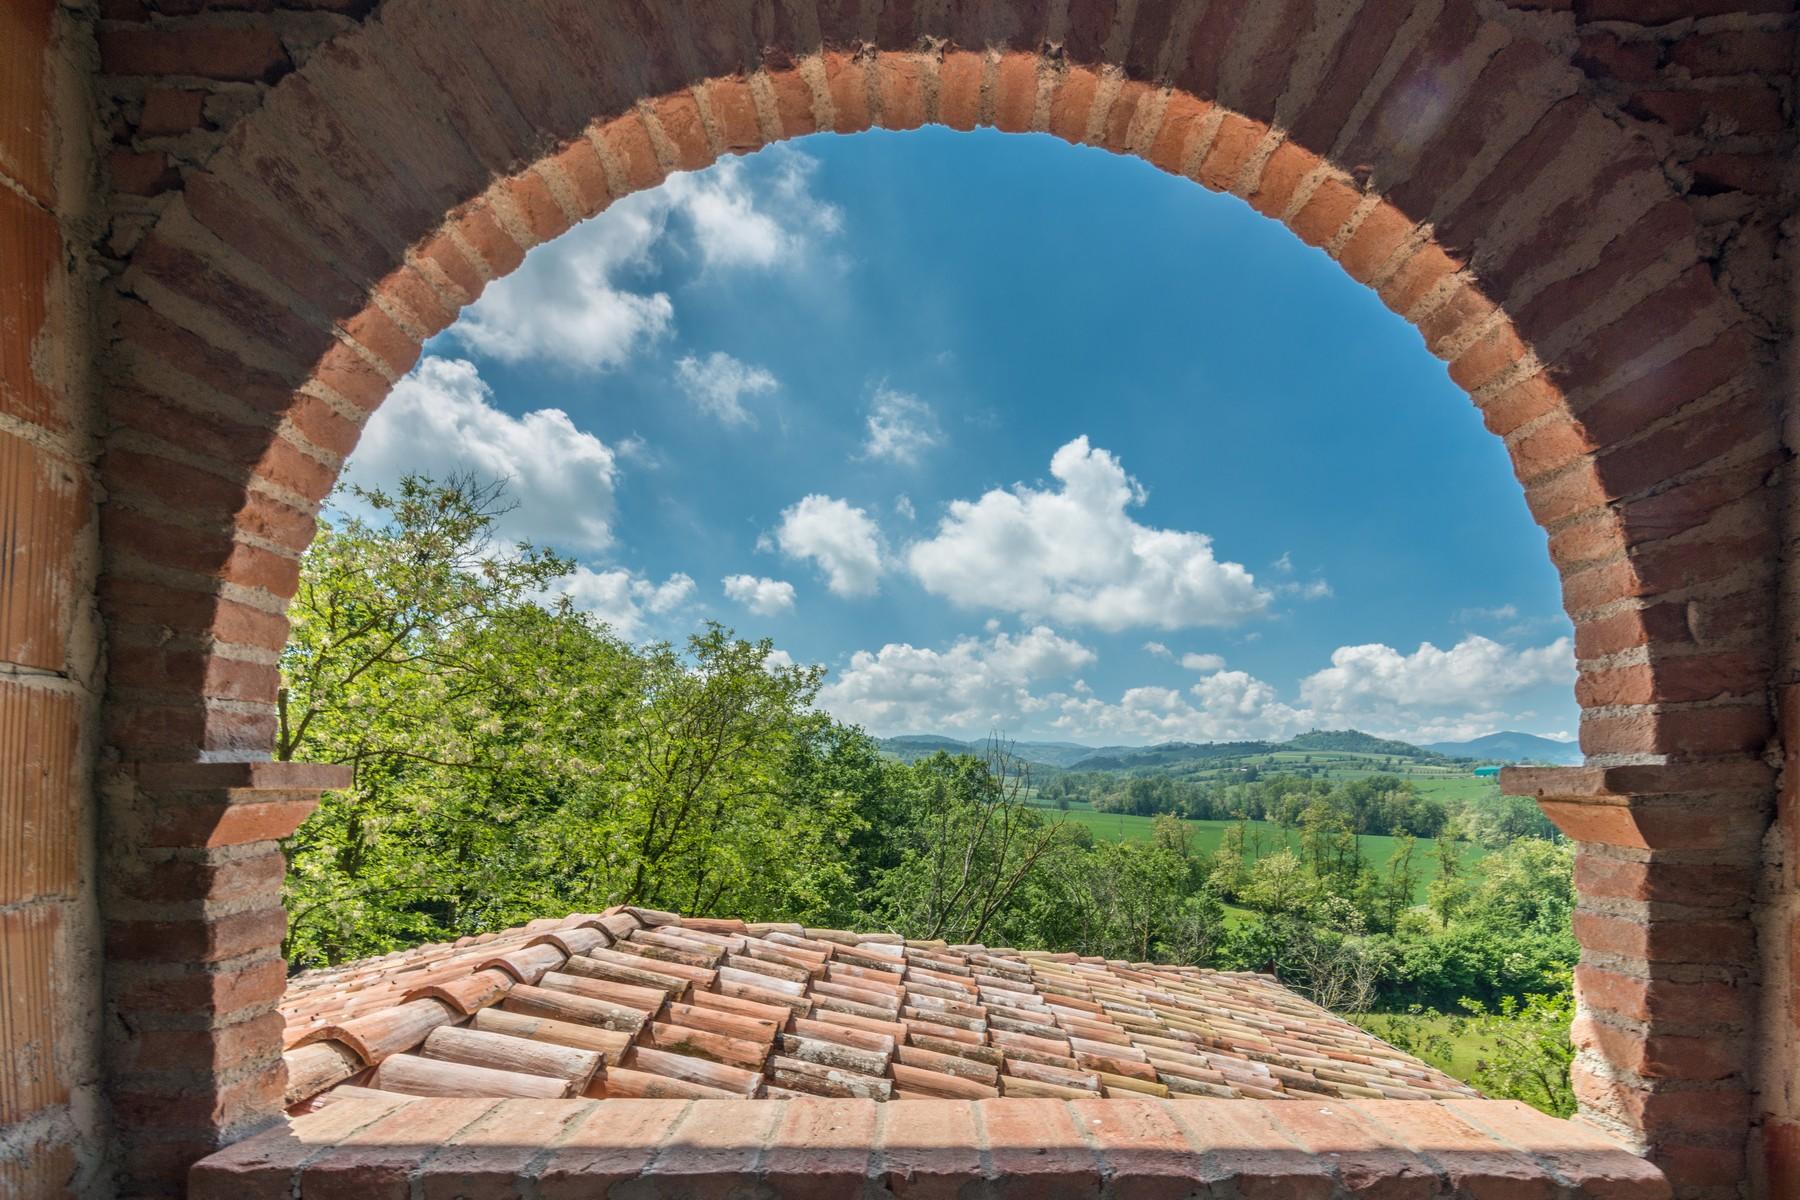 Villa per Vendita alle ore Villa Padronale immersa nel Colli Piacentini Agazzano Other Piacenza, Piacenza 29010 Italia